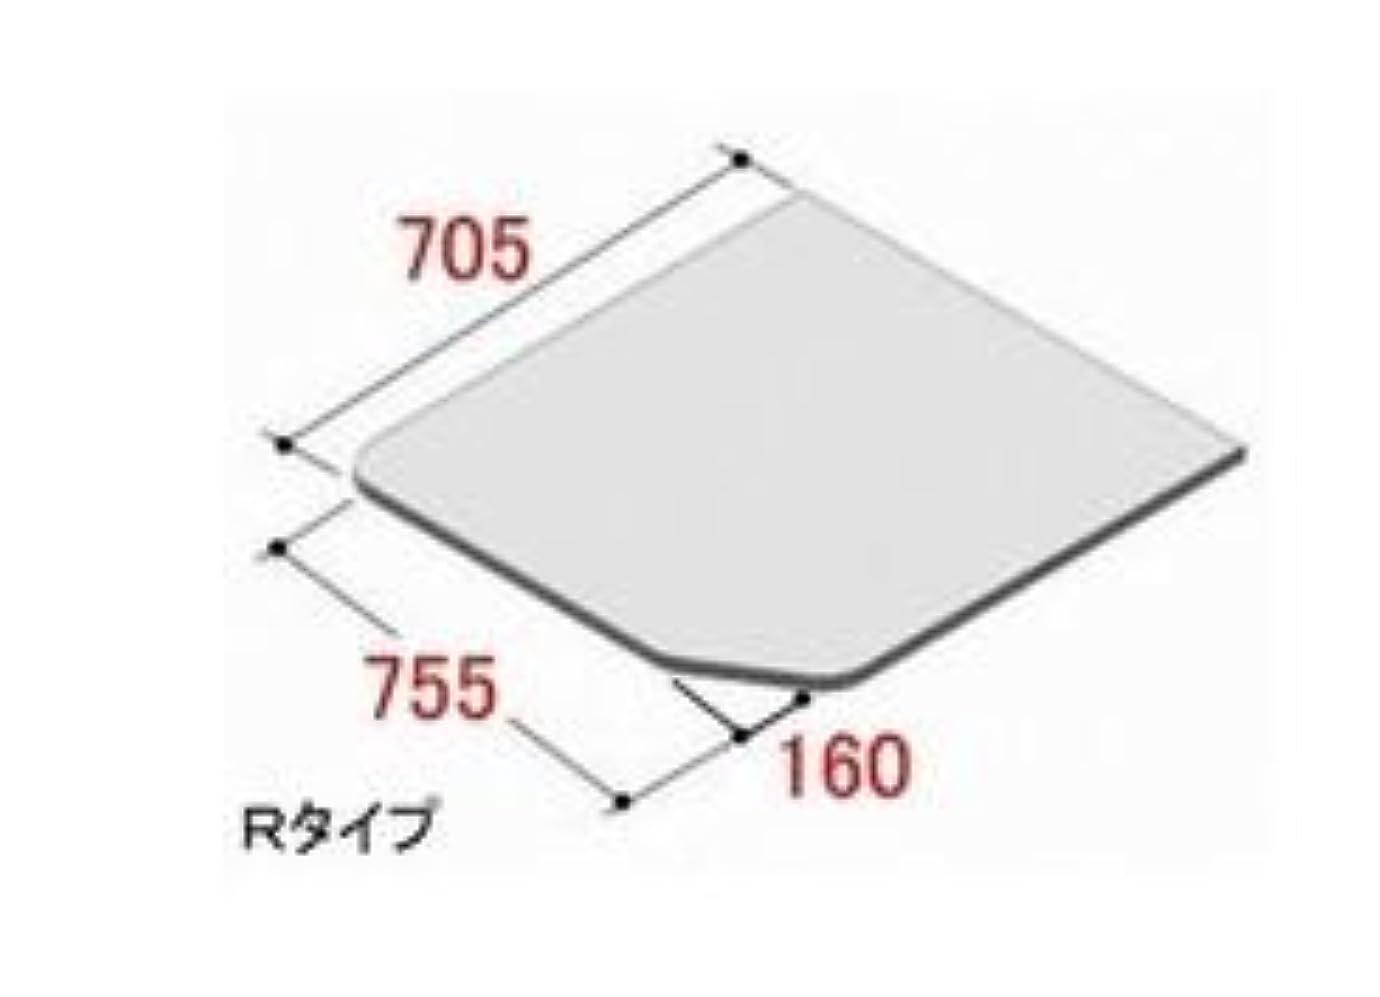 とまり木圧倒的運動[YFK-0776A(3)R-D]LIXIL INAX 風呂フタ 腰掛用フタ Rタイプ